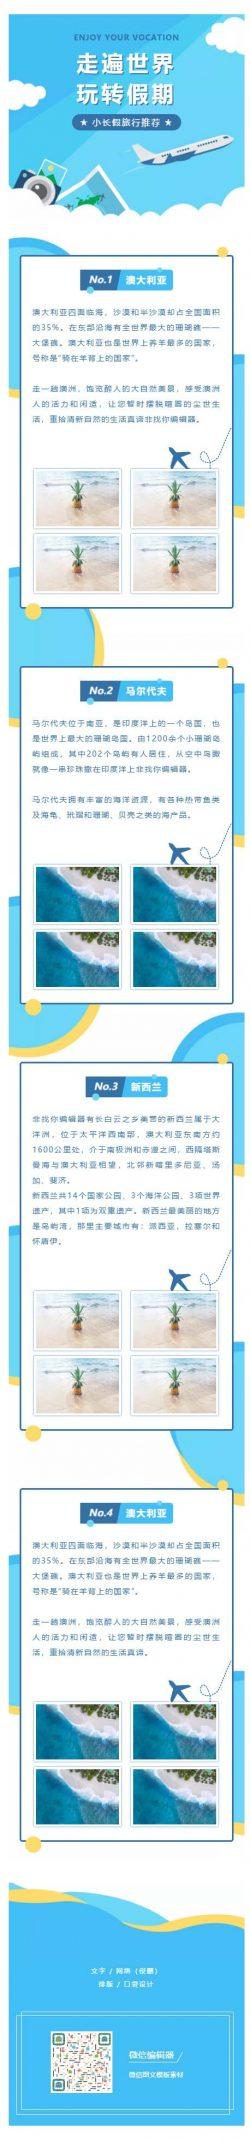 国庆小长假旅行推荐出国游蓝色风格微信推文模板